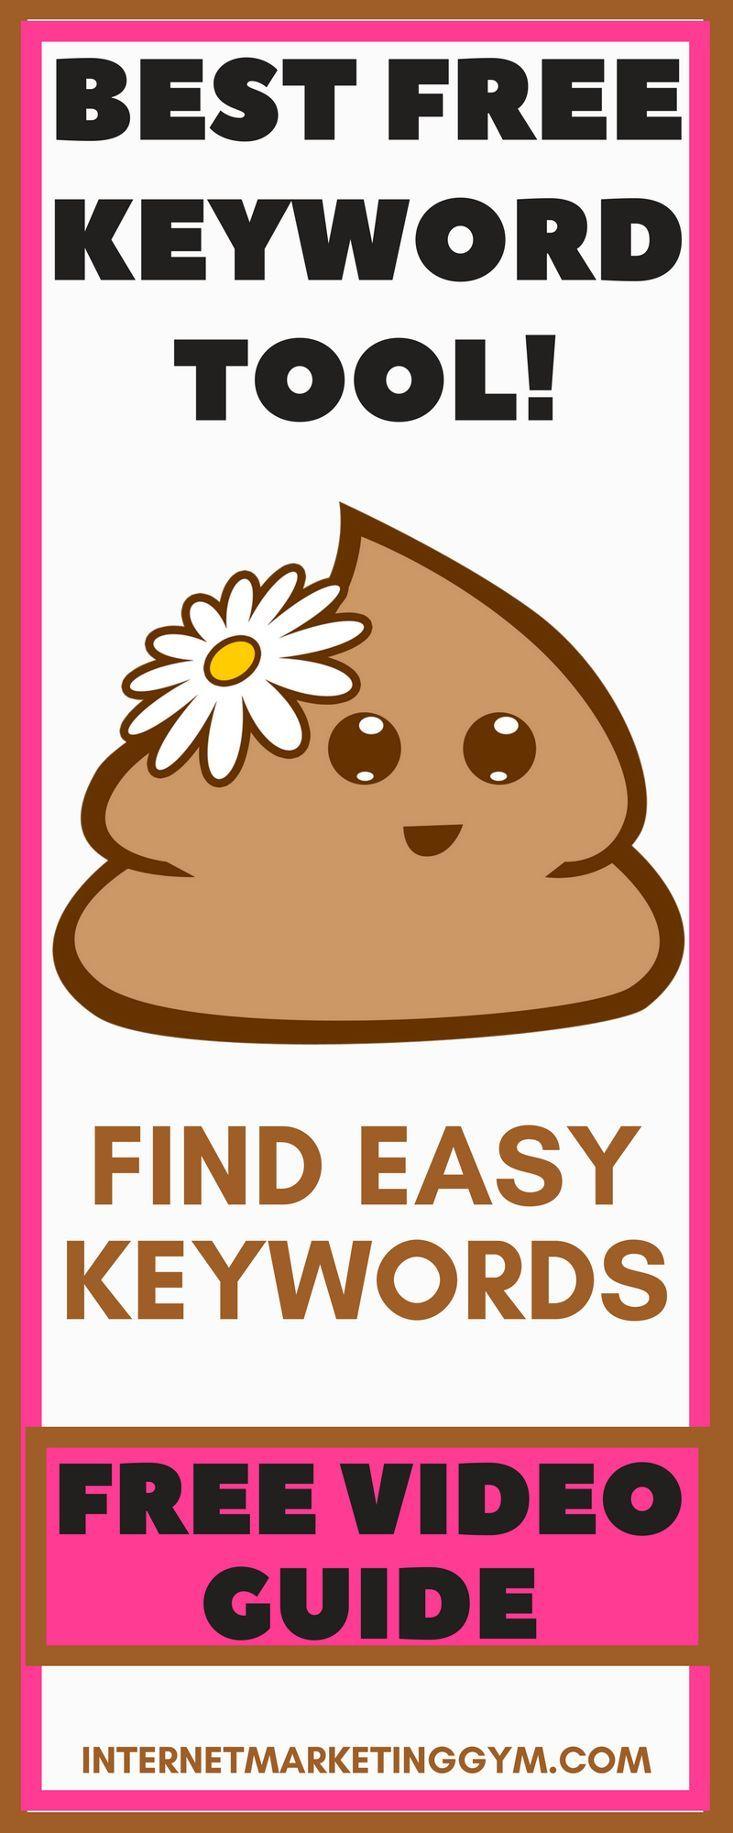 KeywordShitter Das beste kostenlose Keyword-Recherche-Tool